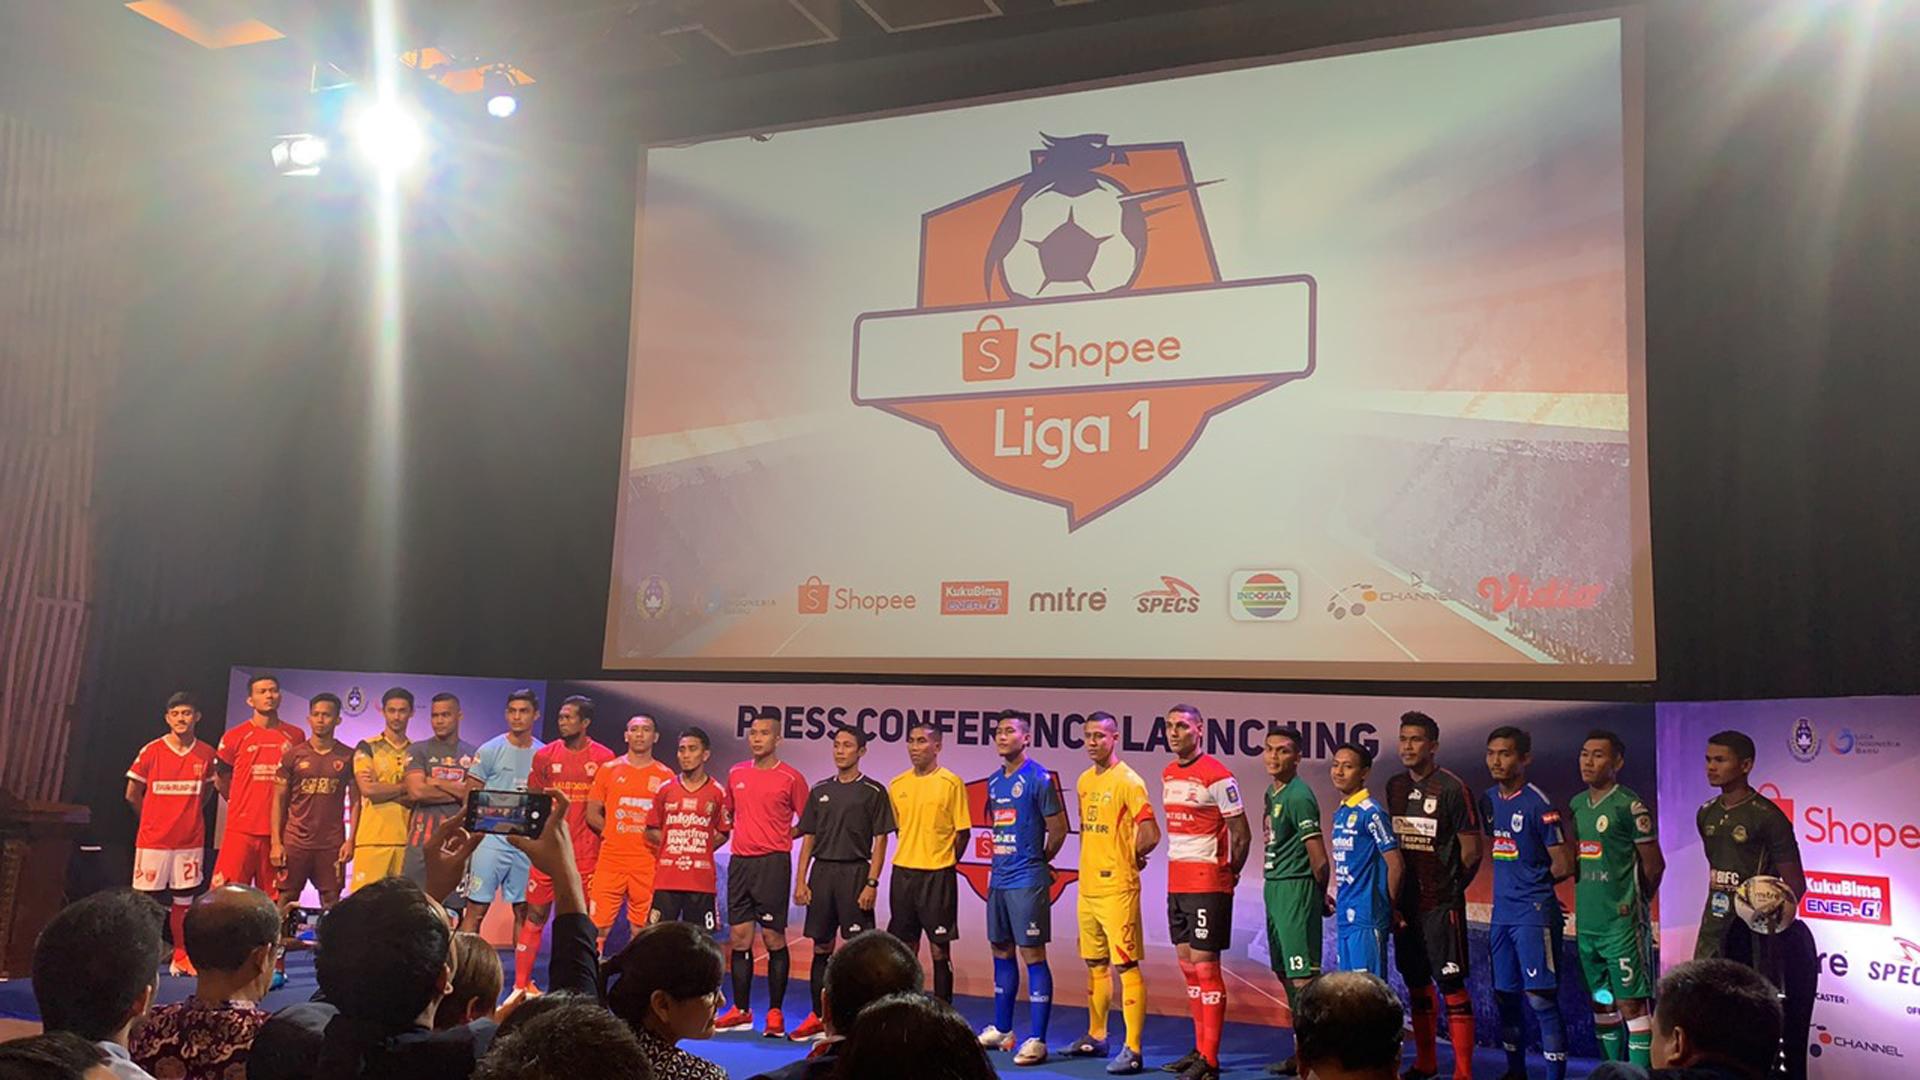 Launching Liga 1 2019